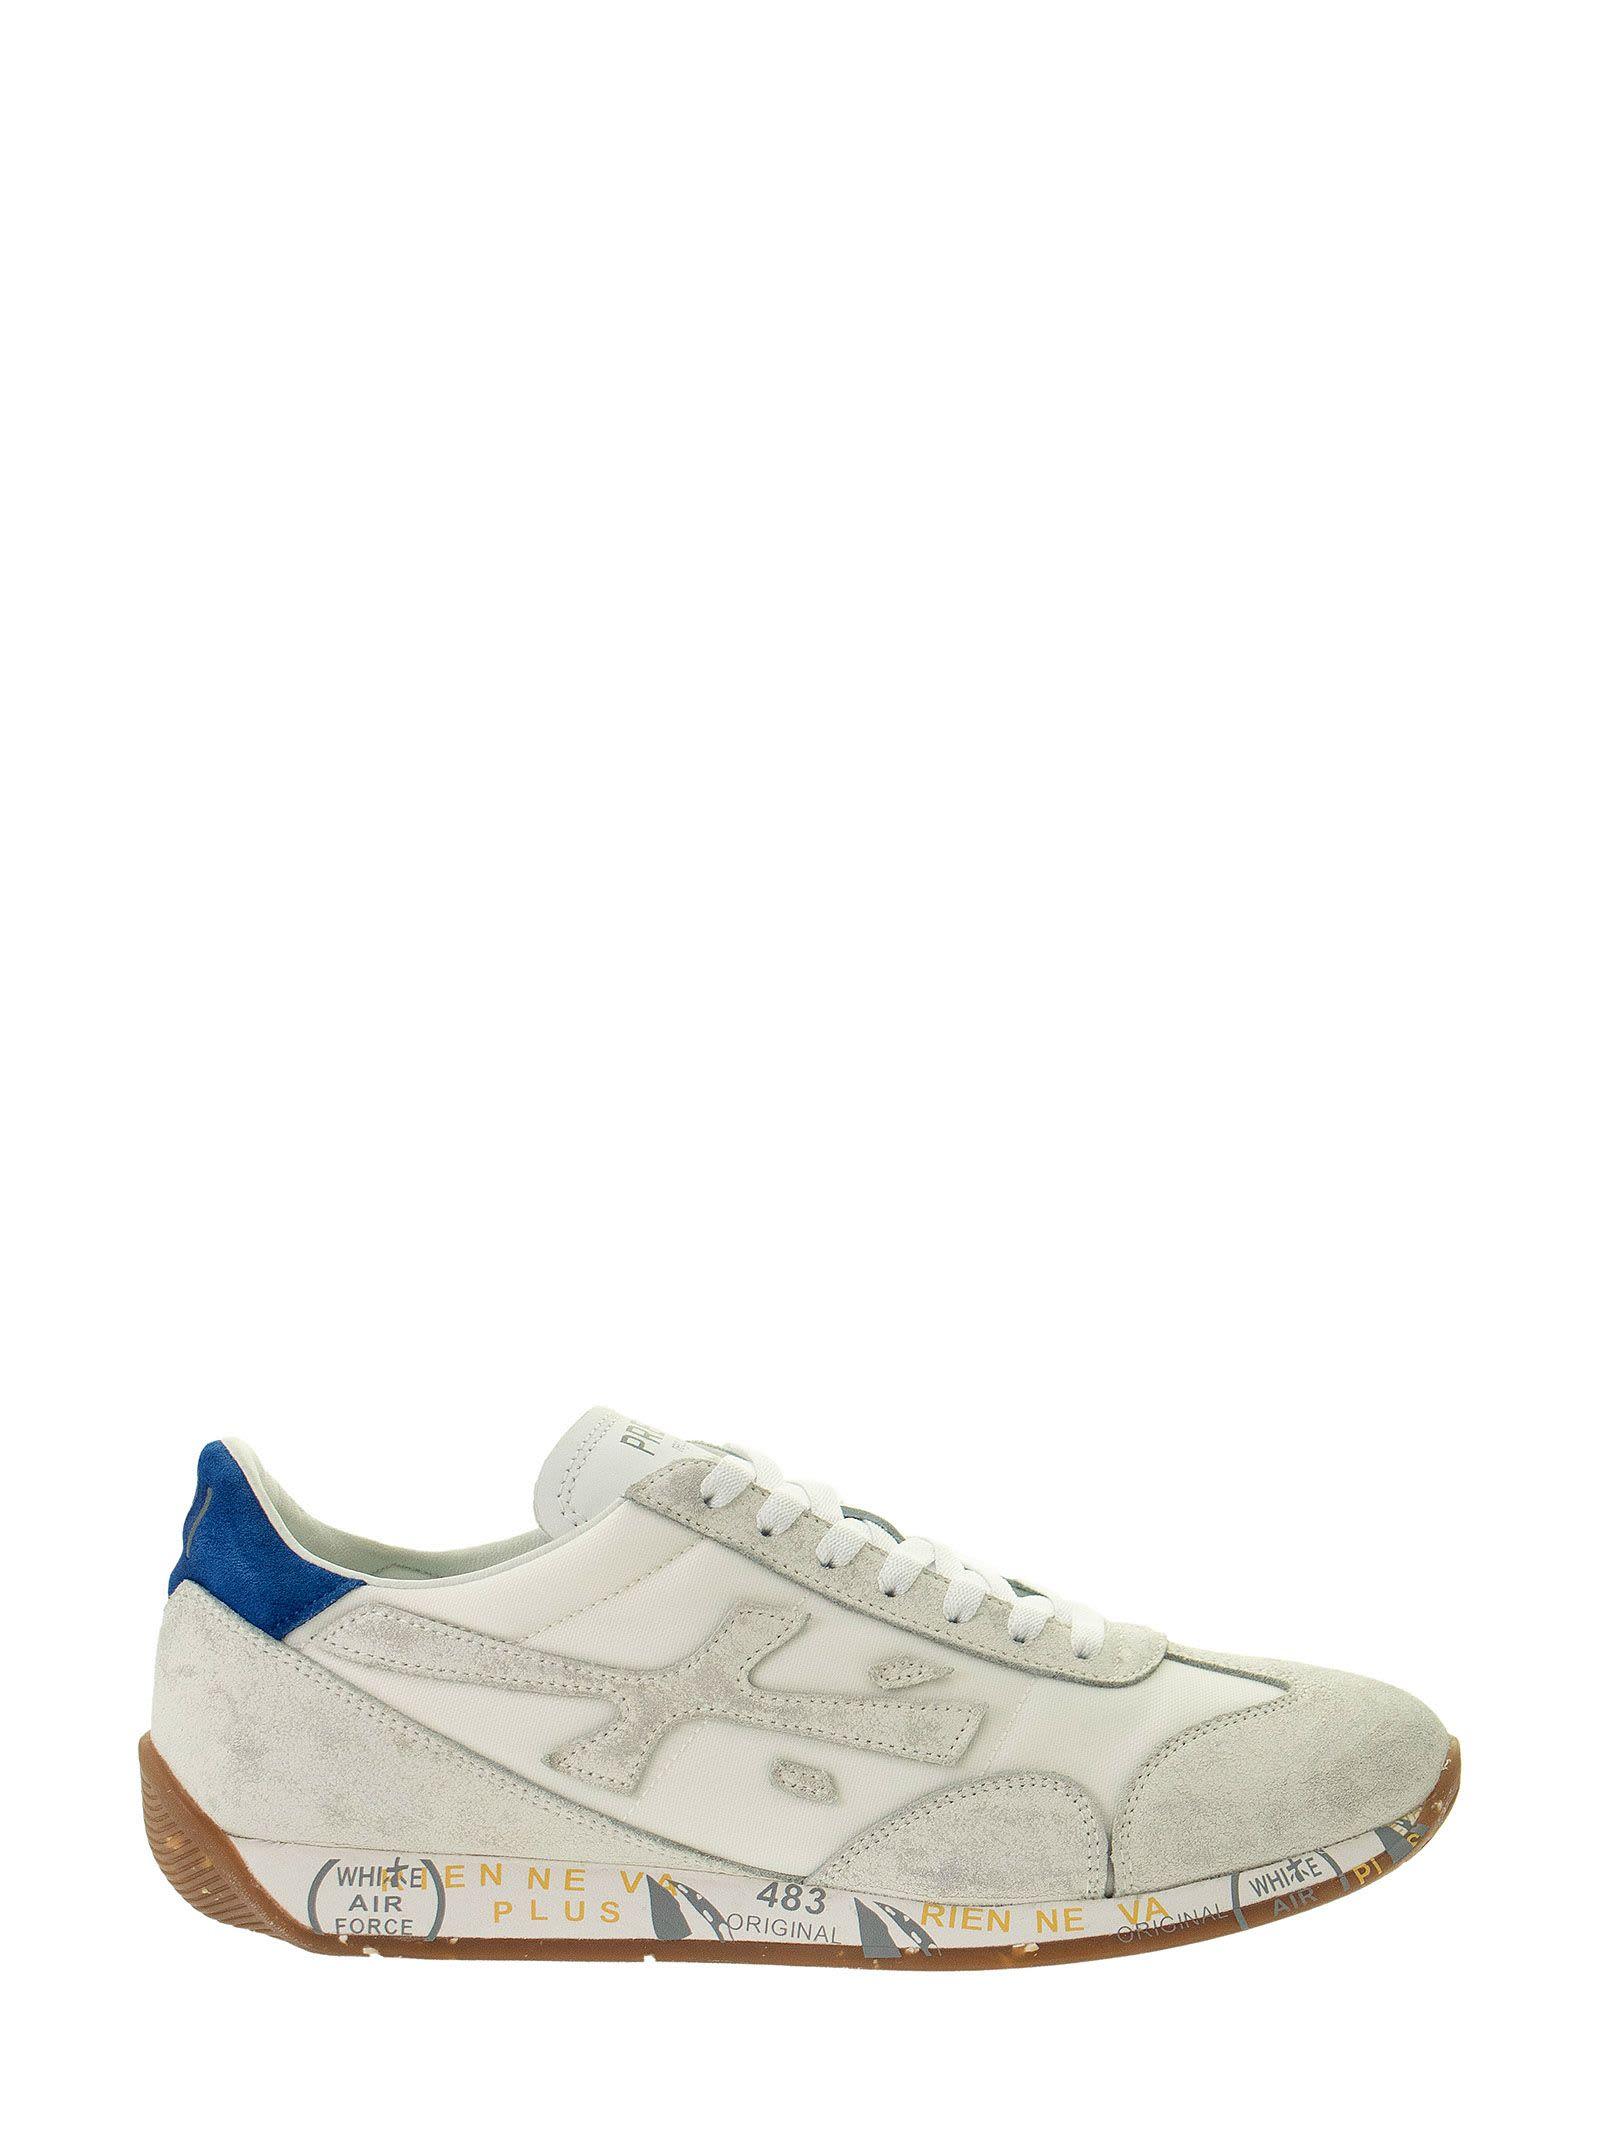 Premiata Sneakers JACKYX 5243 SNEAKERS